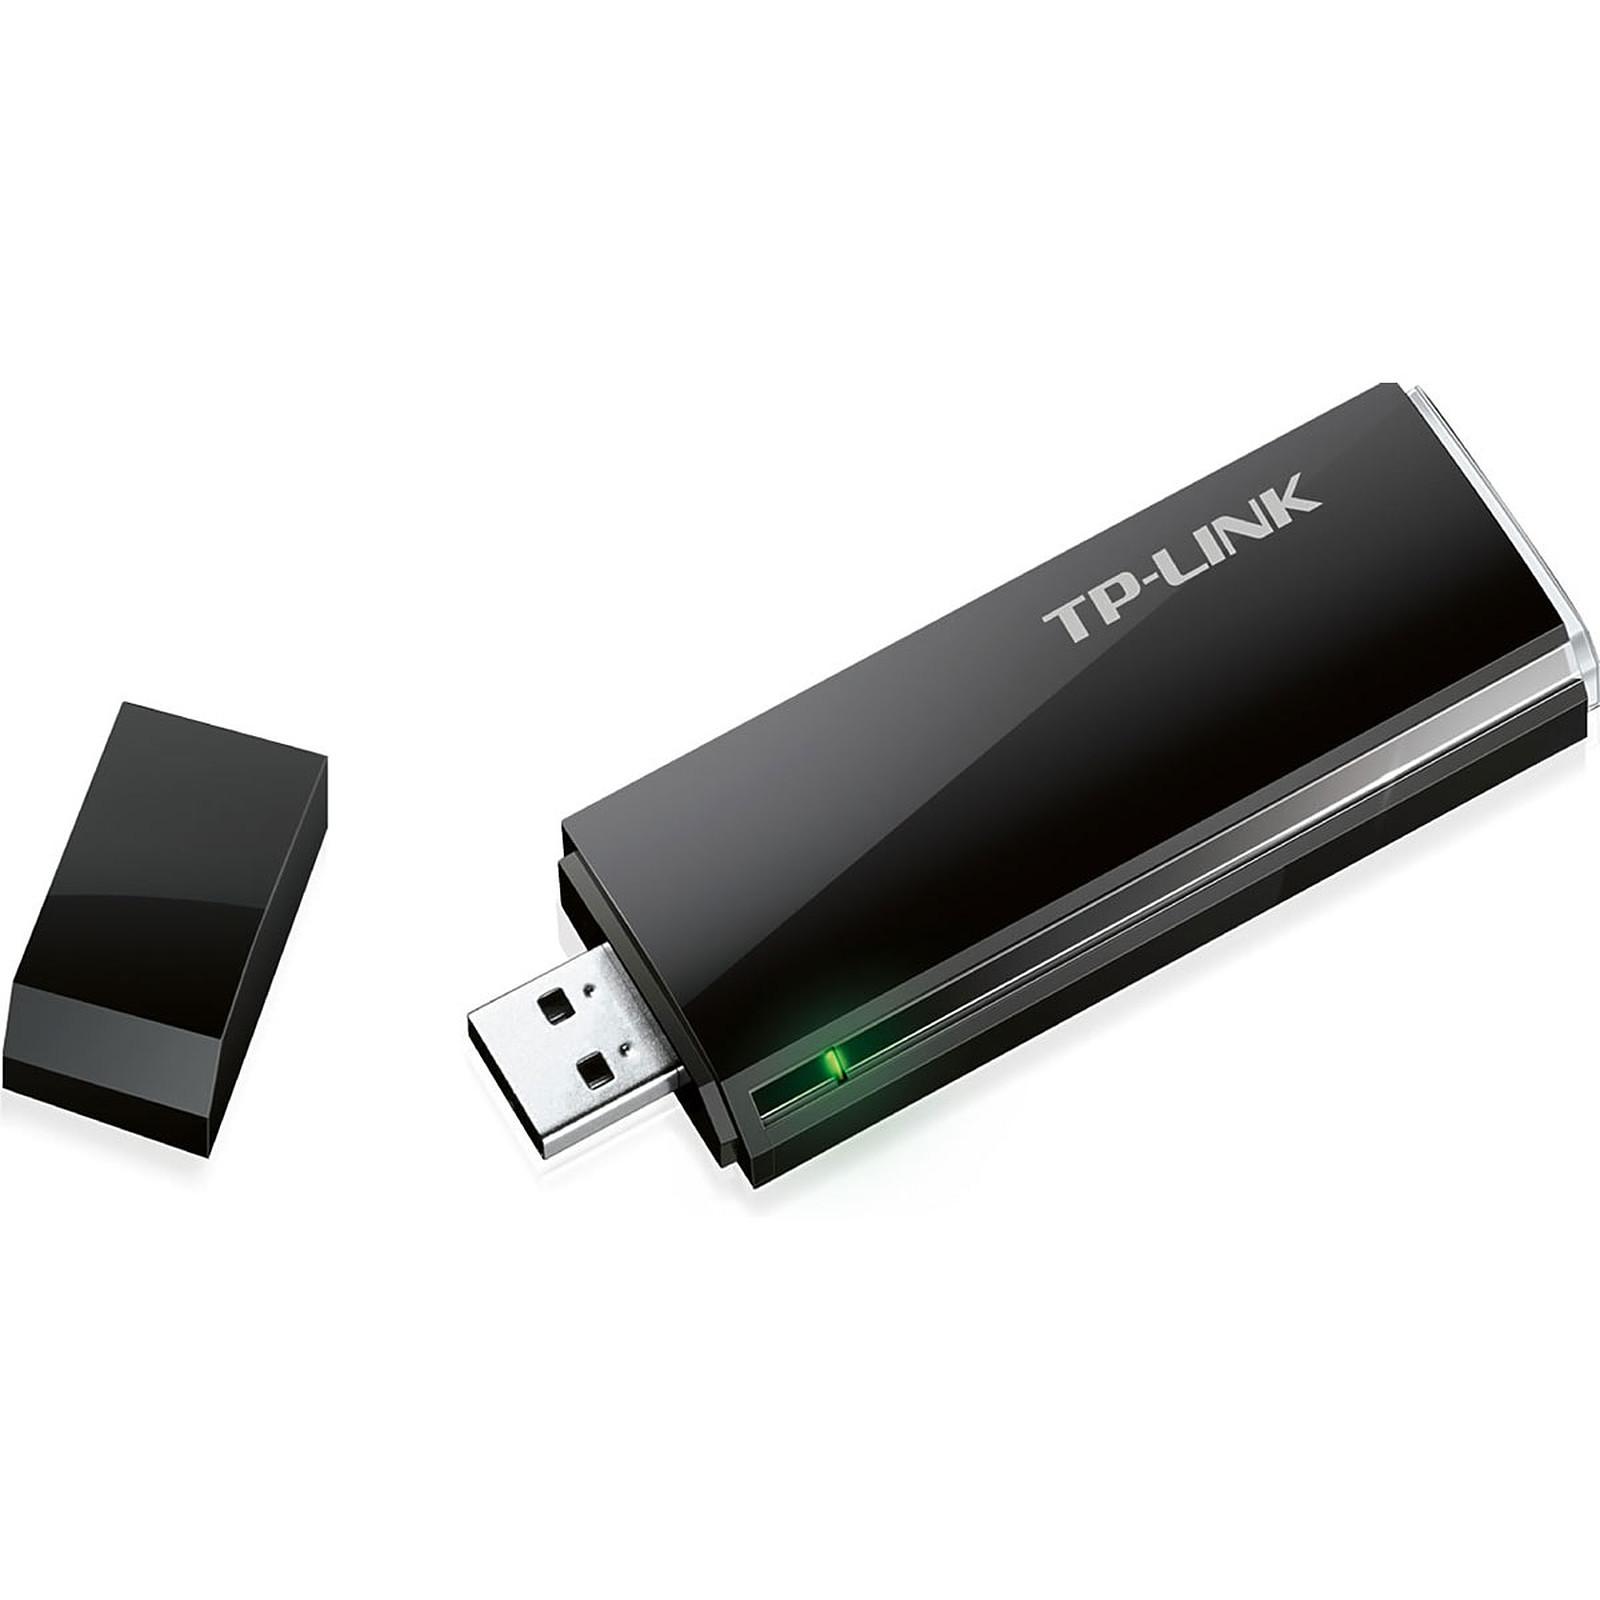 TP-Link TL-WDN4200